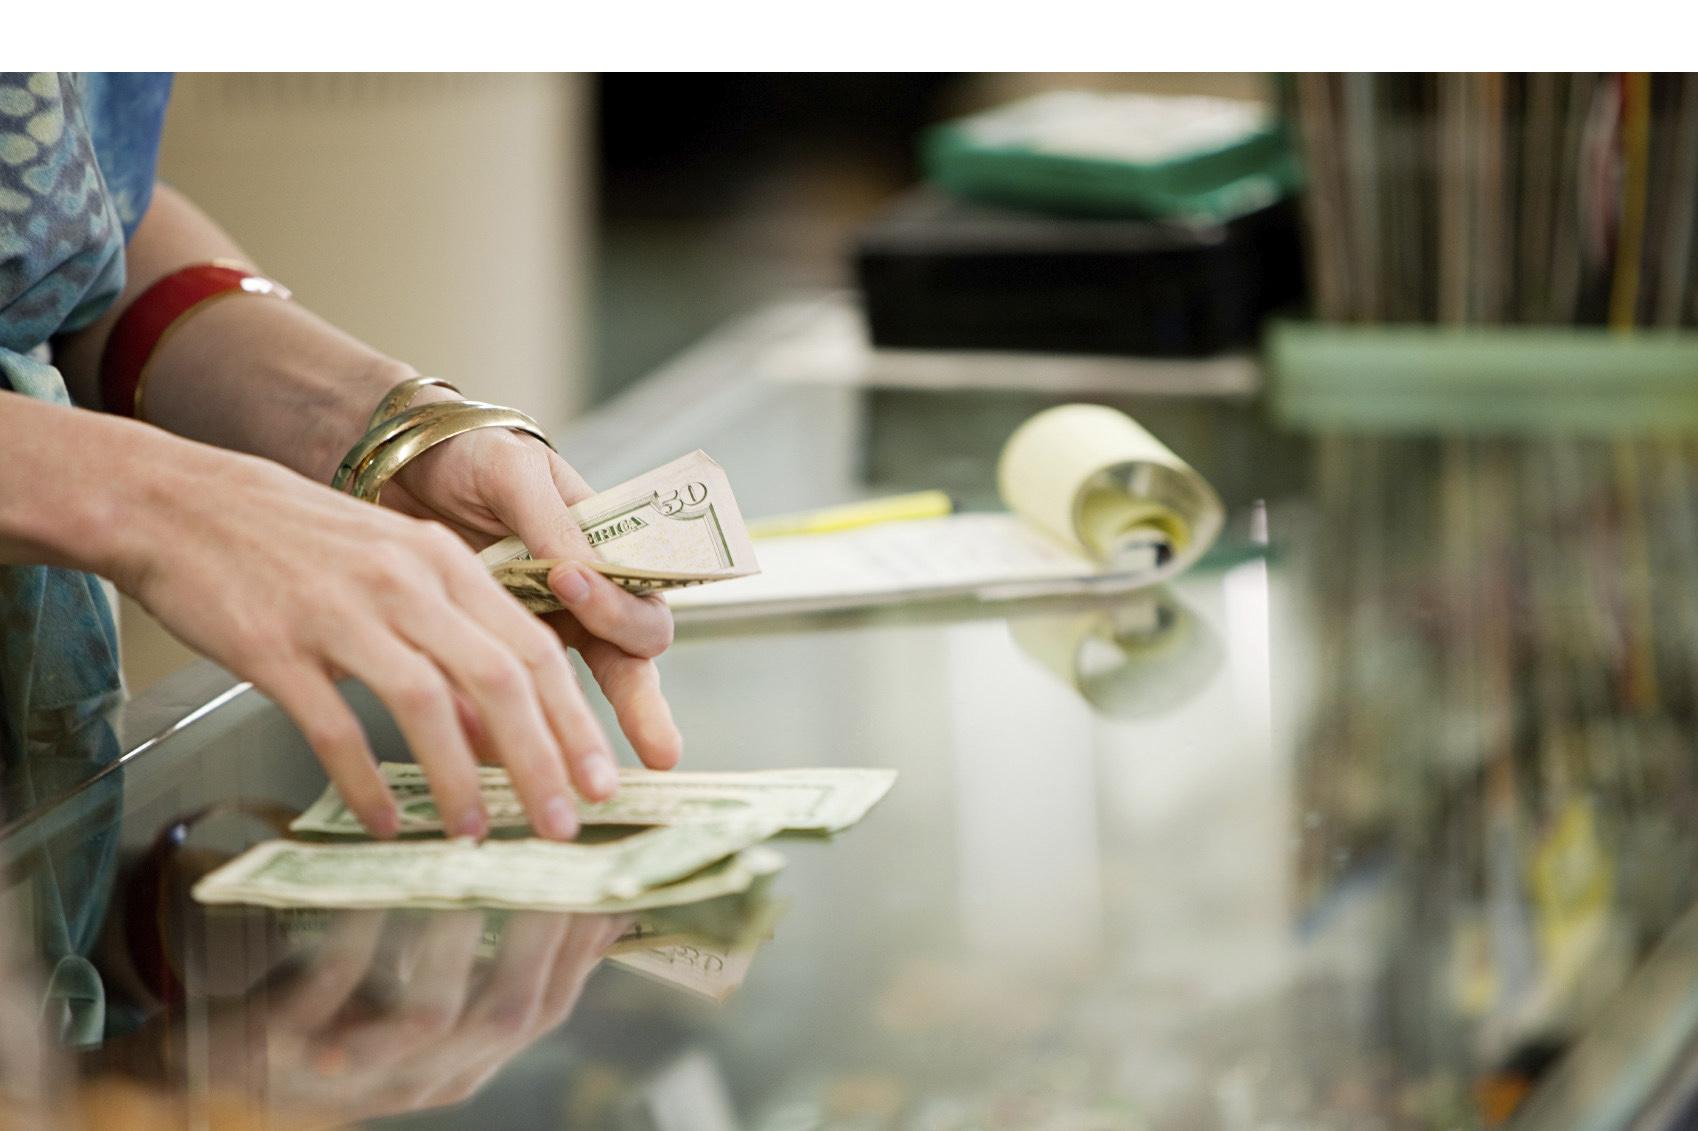 Ambos estados norteamericanos llegaron a un acuerdo con los legisladores respectivos para aumentar 15 dólares la hora